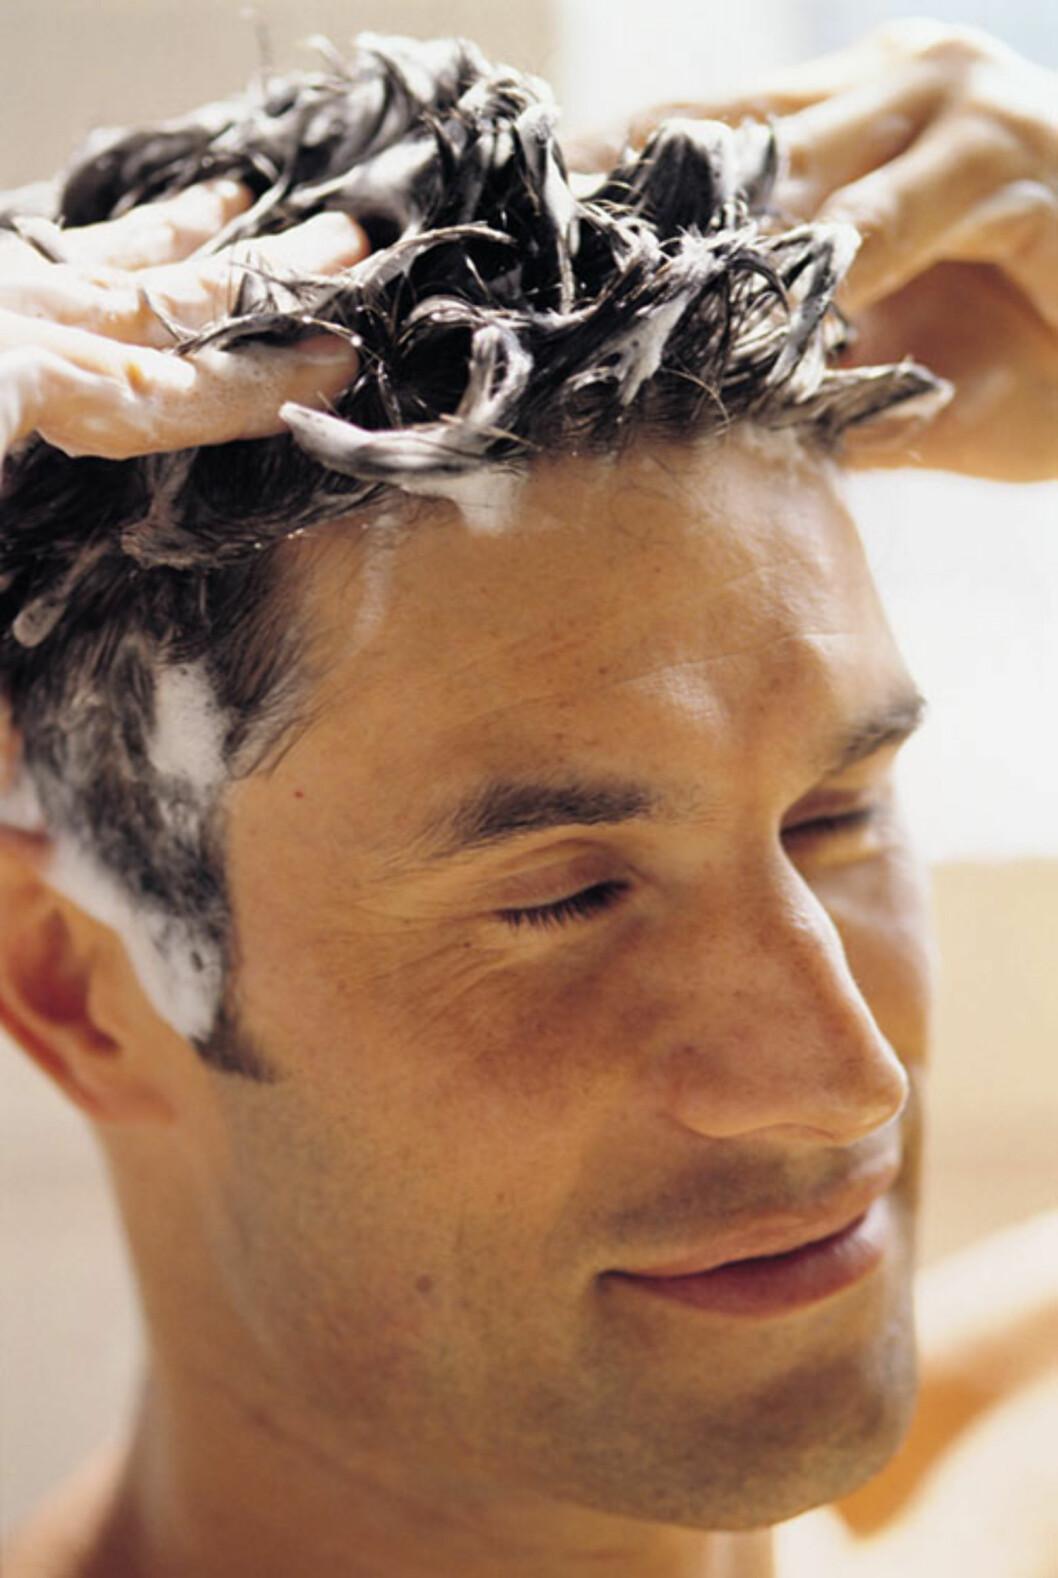 BALSAM FOR SJELEN: Også menn kan ha tørt hår som trenger ekstra pleie. Bruker du en pleiende, fuktighetsgivende kur, er det slettes ingen dårlig idé å la kjæresten forsyne seg litt innimellom.